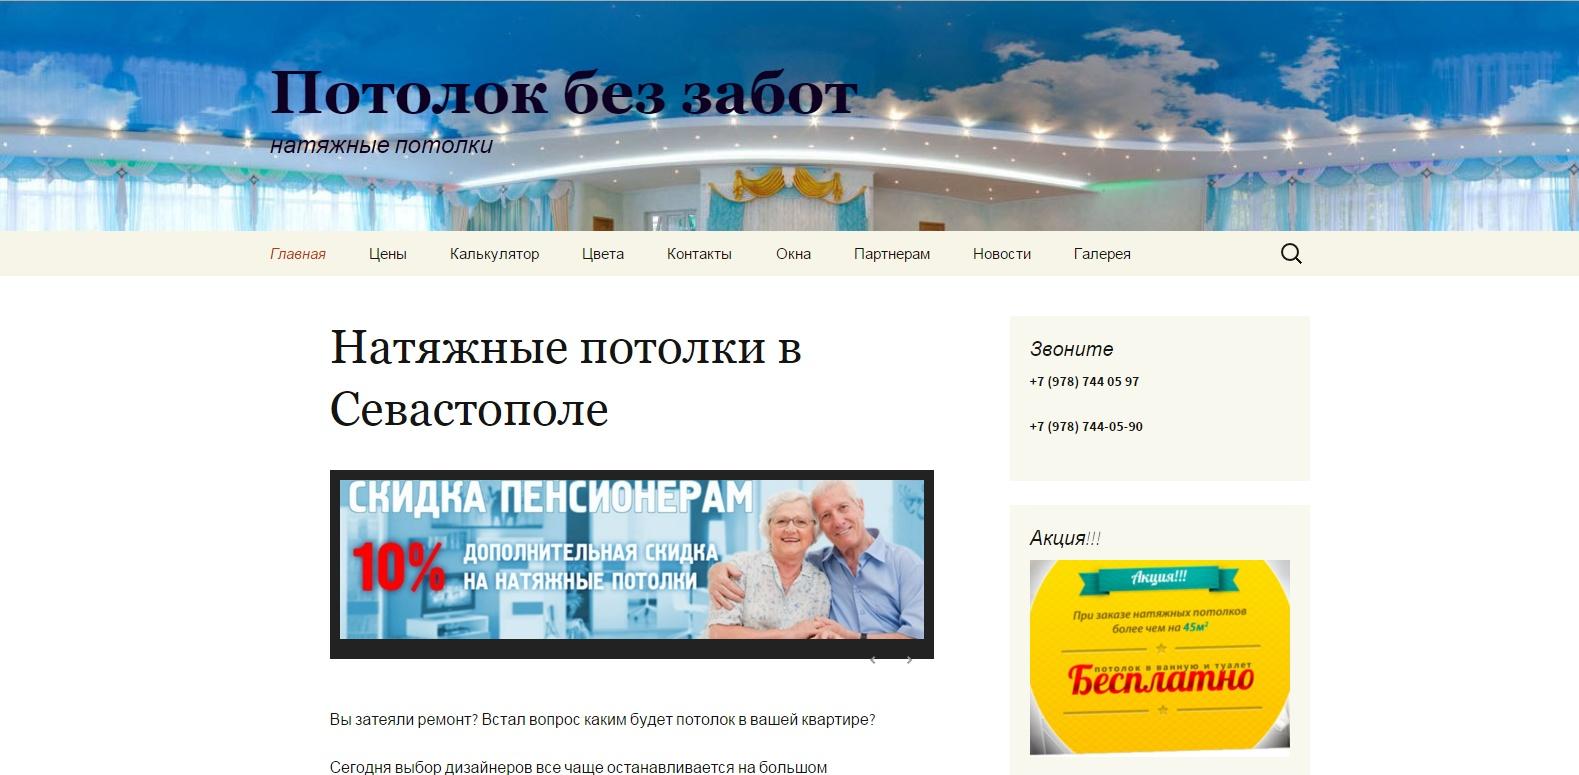 sajt-potolokbezzabot